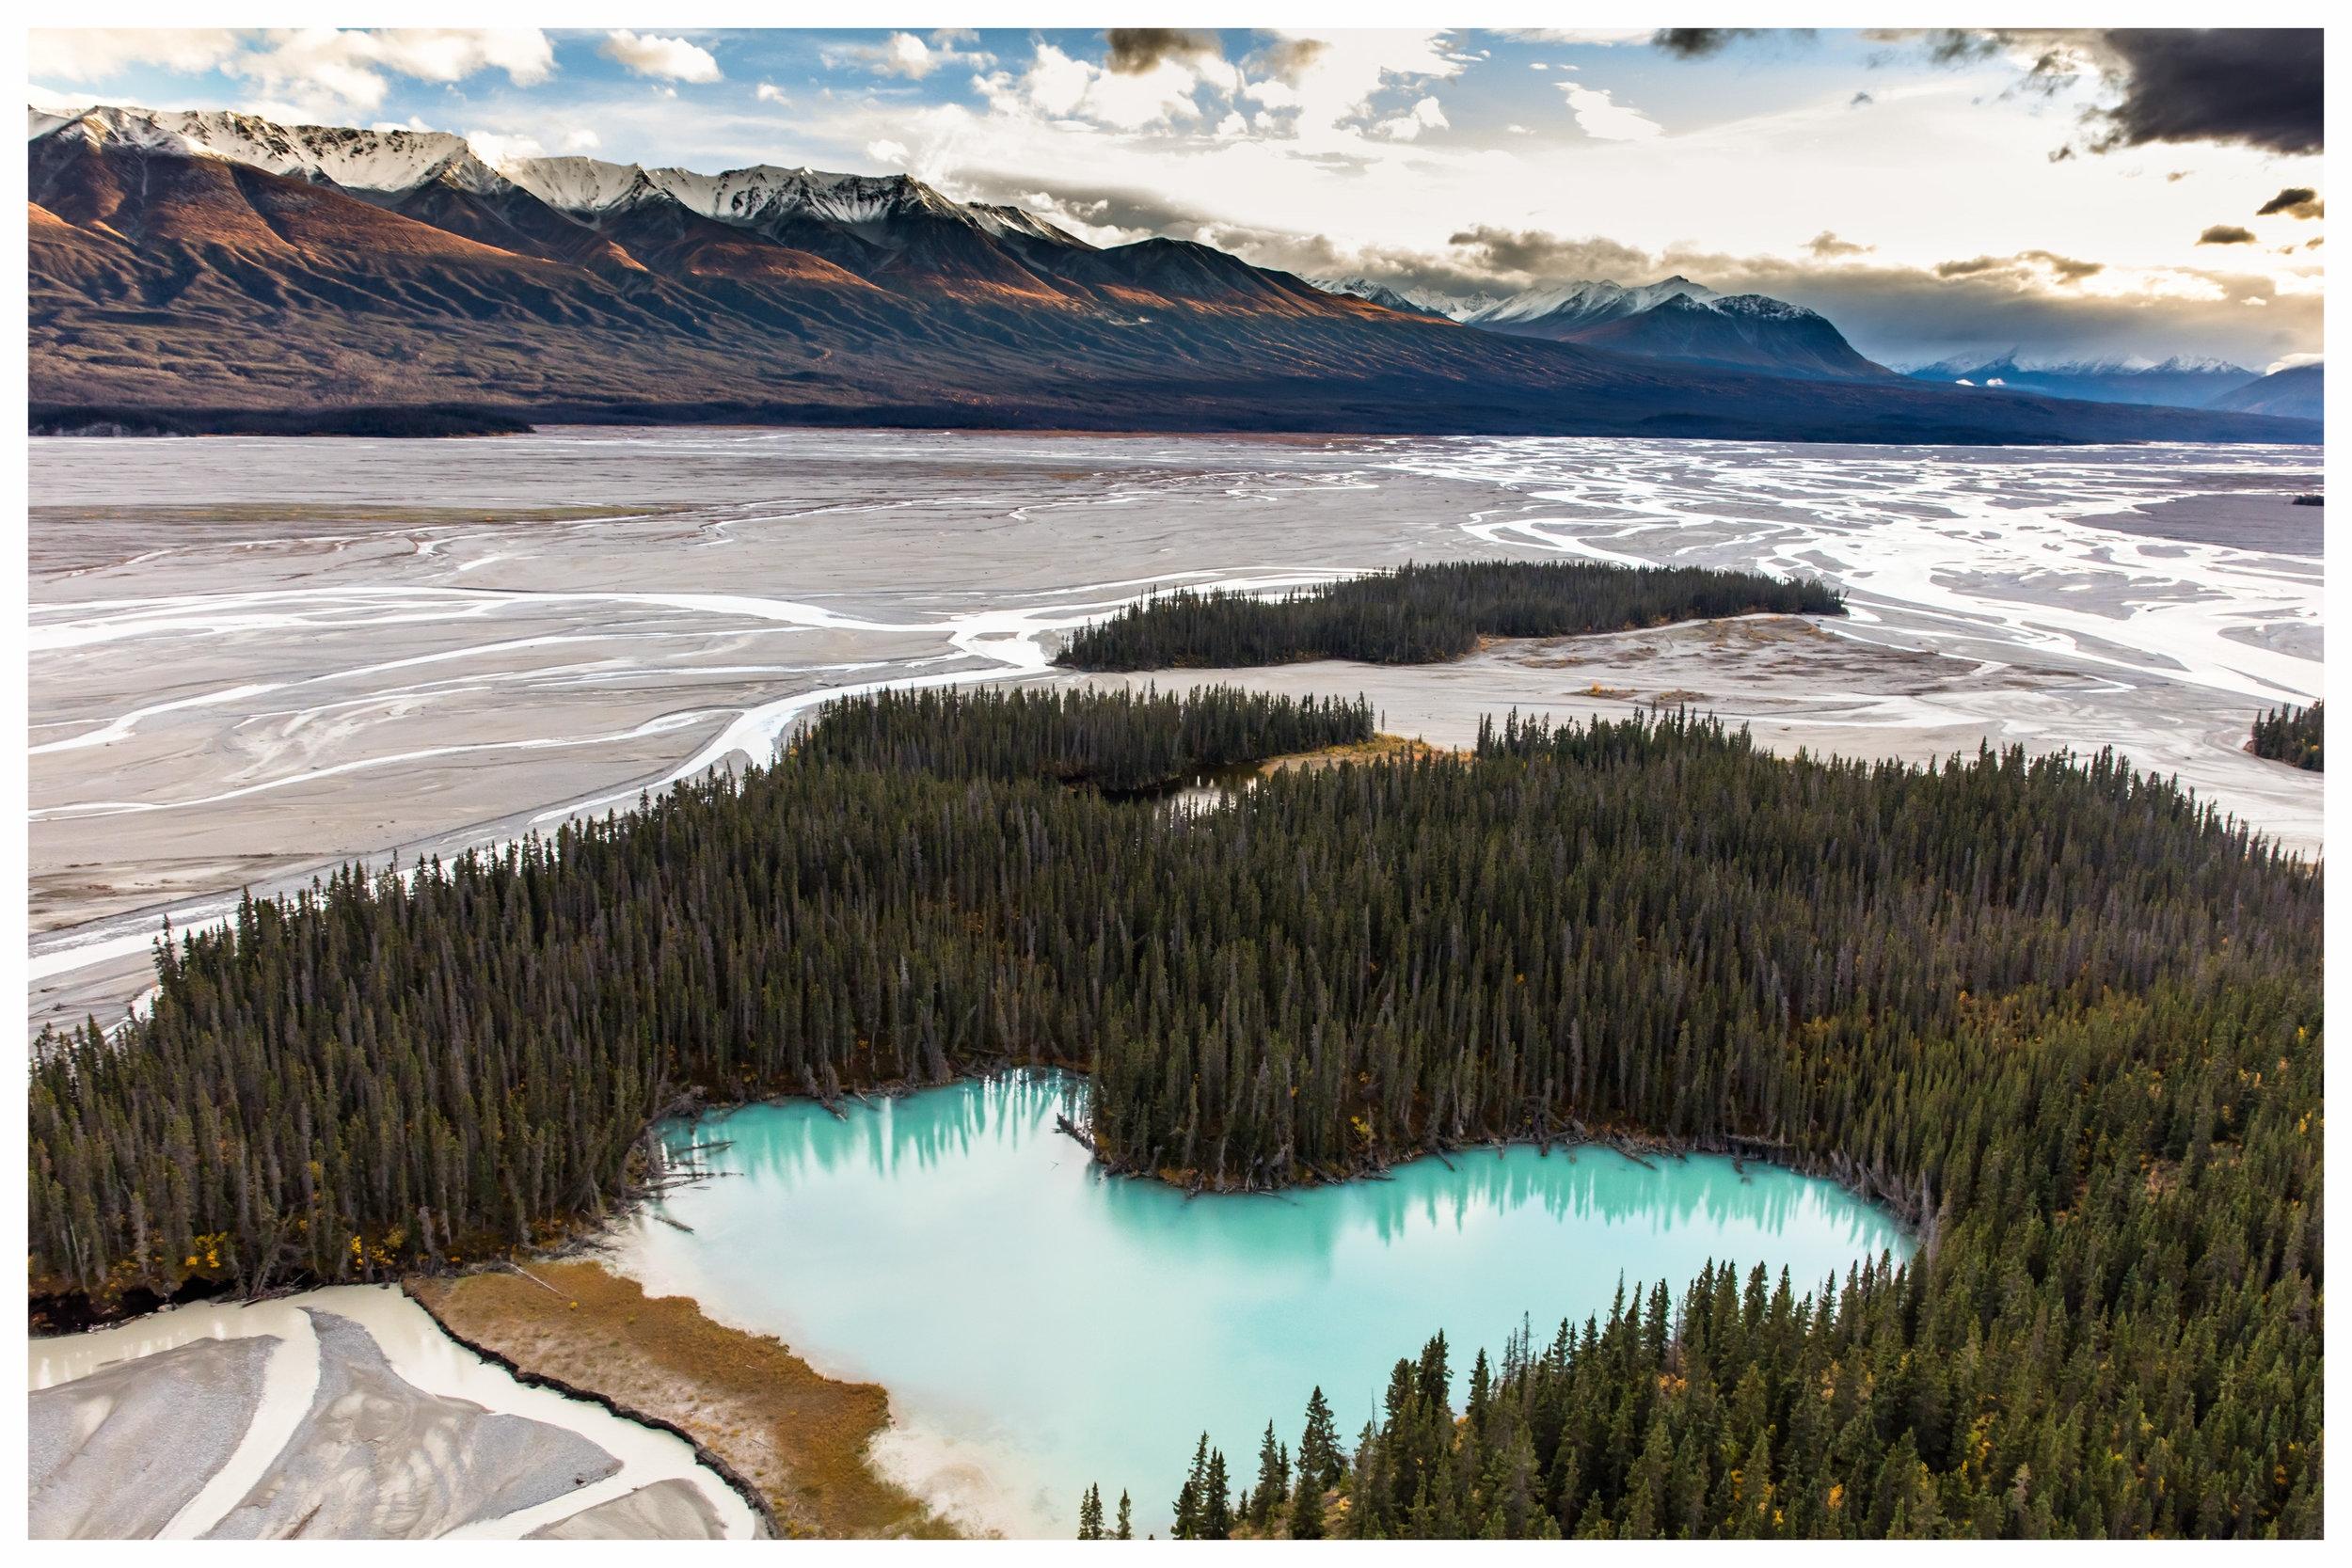 AlaskaWelcome to the last Frontier - Alaska hält unzählige Überraschungen für Sie bereit. Auf einer Abenteuerreise abseits asphaltierter Straßen und touristischer Pfade können Sie echten Pioniergeist in einer der letzten ausgedehnten Wildnis-Regionen der Welt erleben. Der nördlichste Bundesstaat der USA reizt durch ursprüngliche Natur und unvergessliche Tierbeobachtungsmöglichkeiten. Abwechslungsreiche Landschaften wie eine unendliche Tundra, herrliche Fjorde und die größten Gletscher der Erde werden Sie begeistern. Ein besonderes Erlebnis ist es, den Wrangell-St. Elias National Park in kleinen Flugzeugen zu erkunden, die überall landen können: auf Gletschern, in Flussbetten oder der kleinsten Wiese. Das bedeutet große Freiheit! Und mit etwas Glück schimmern in klaren Nächten die Nordlichter (Aurora Boreales) - mal grün, mal rot, mal violett - und runden so Ihre Erlebnisreise nach Alaska ab.